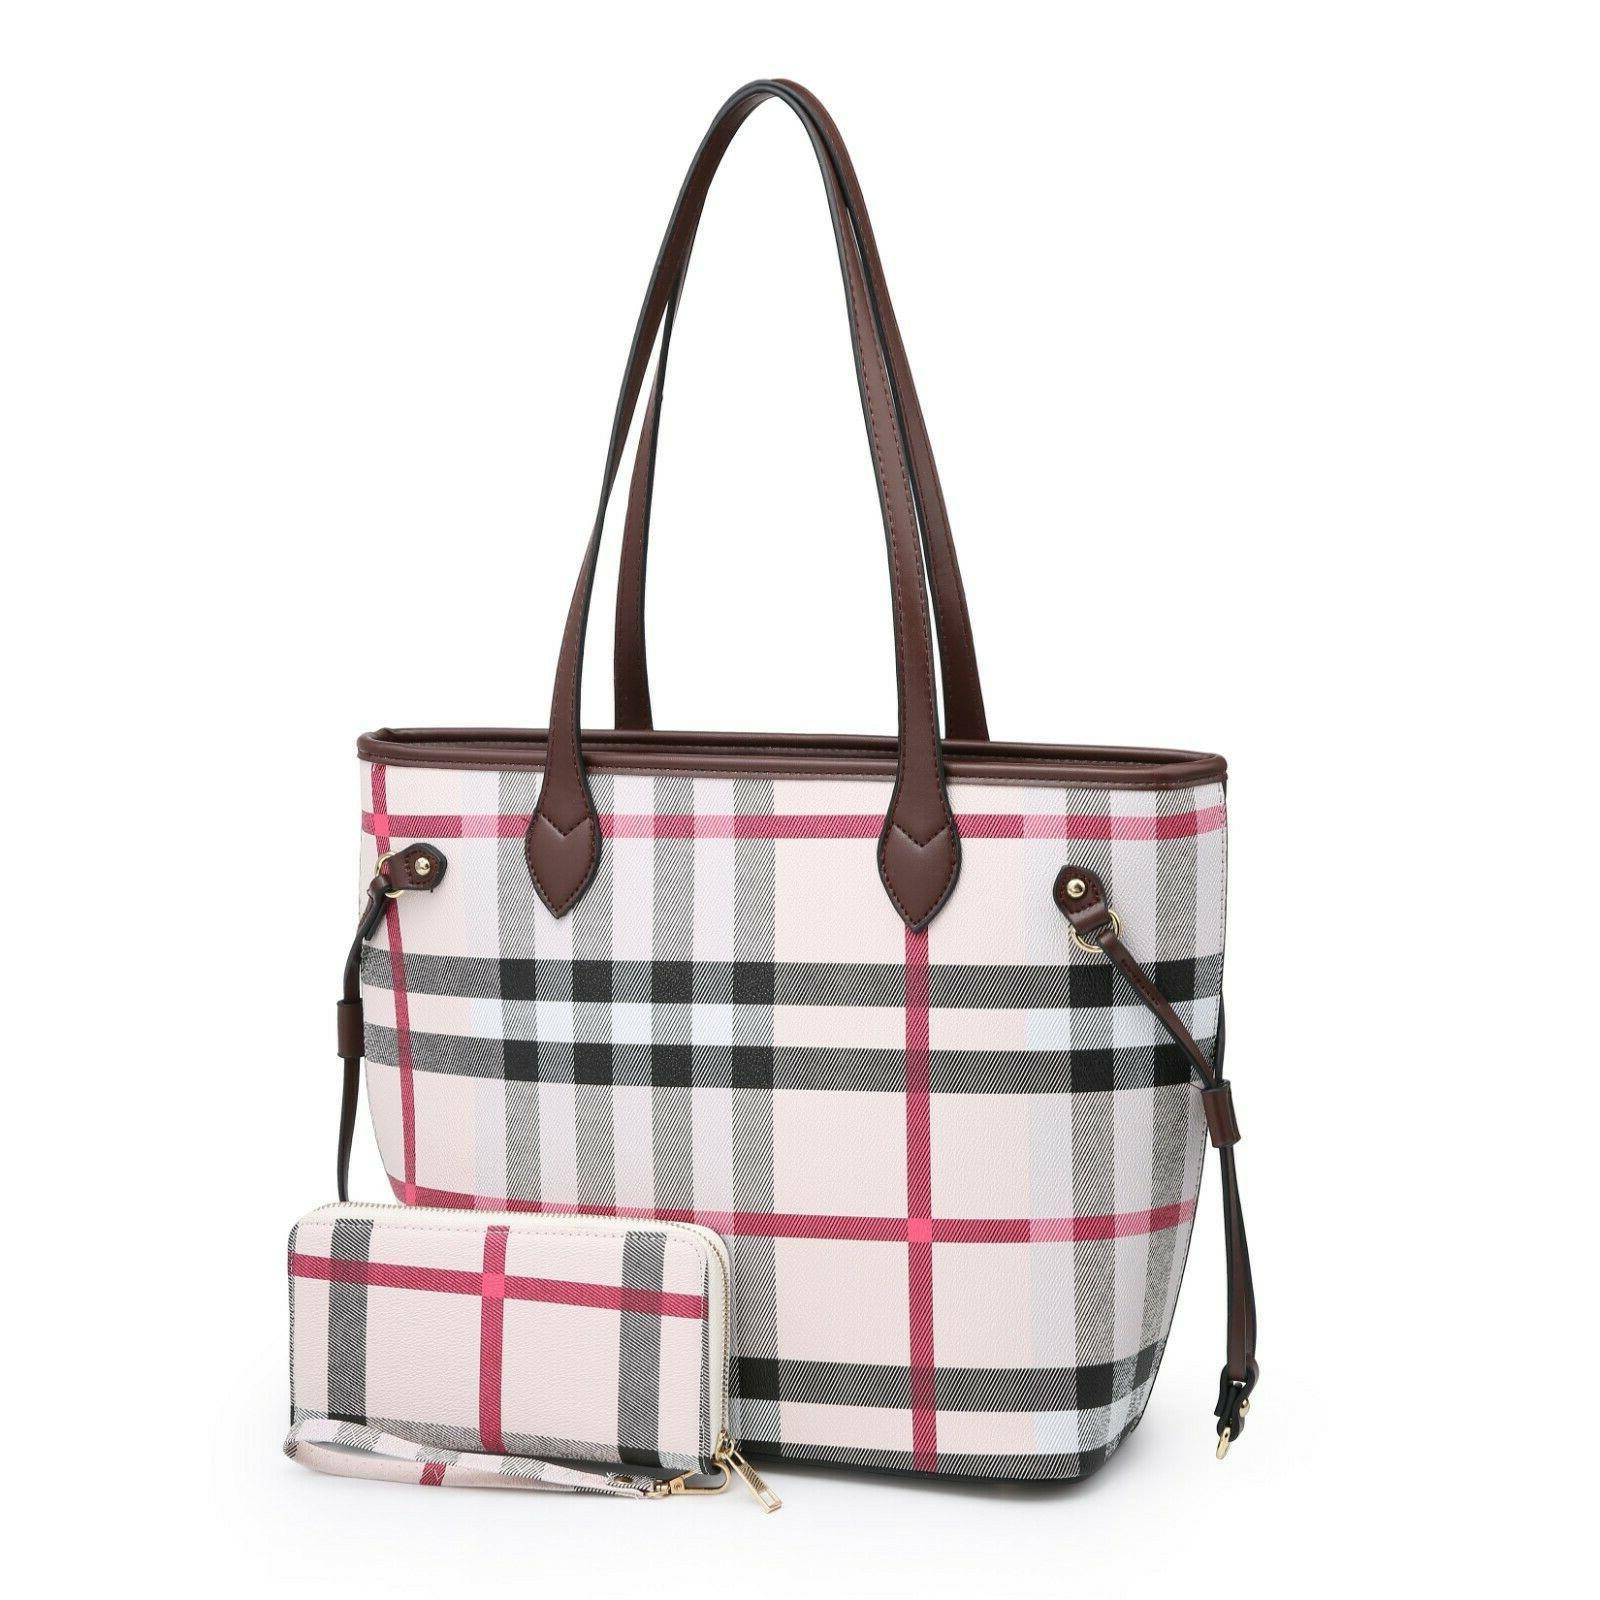 Women's Satchel 2 in 1 Shoulder Bag Set New